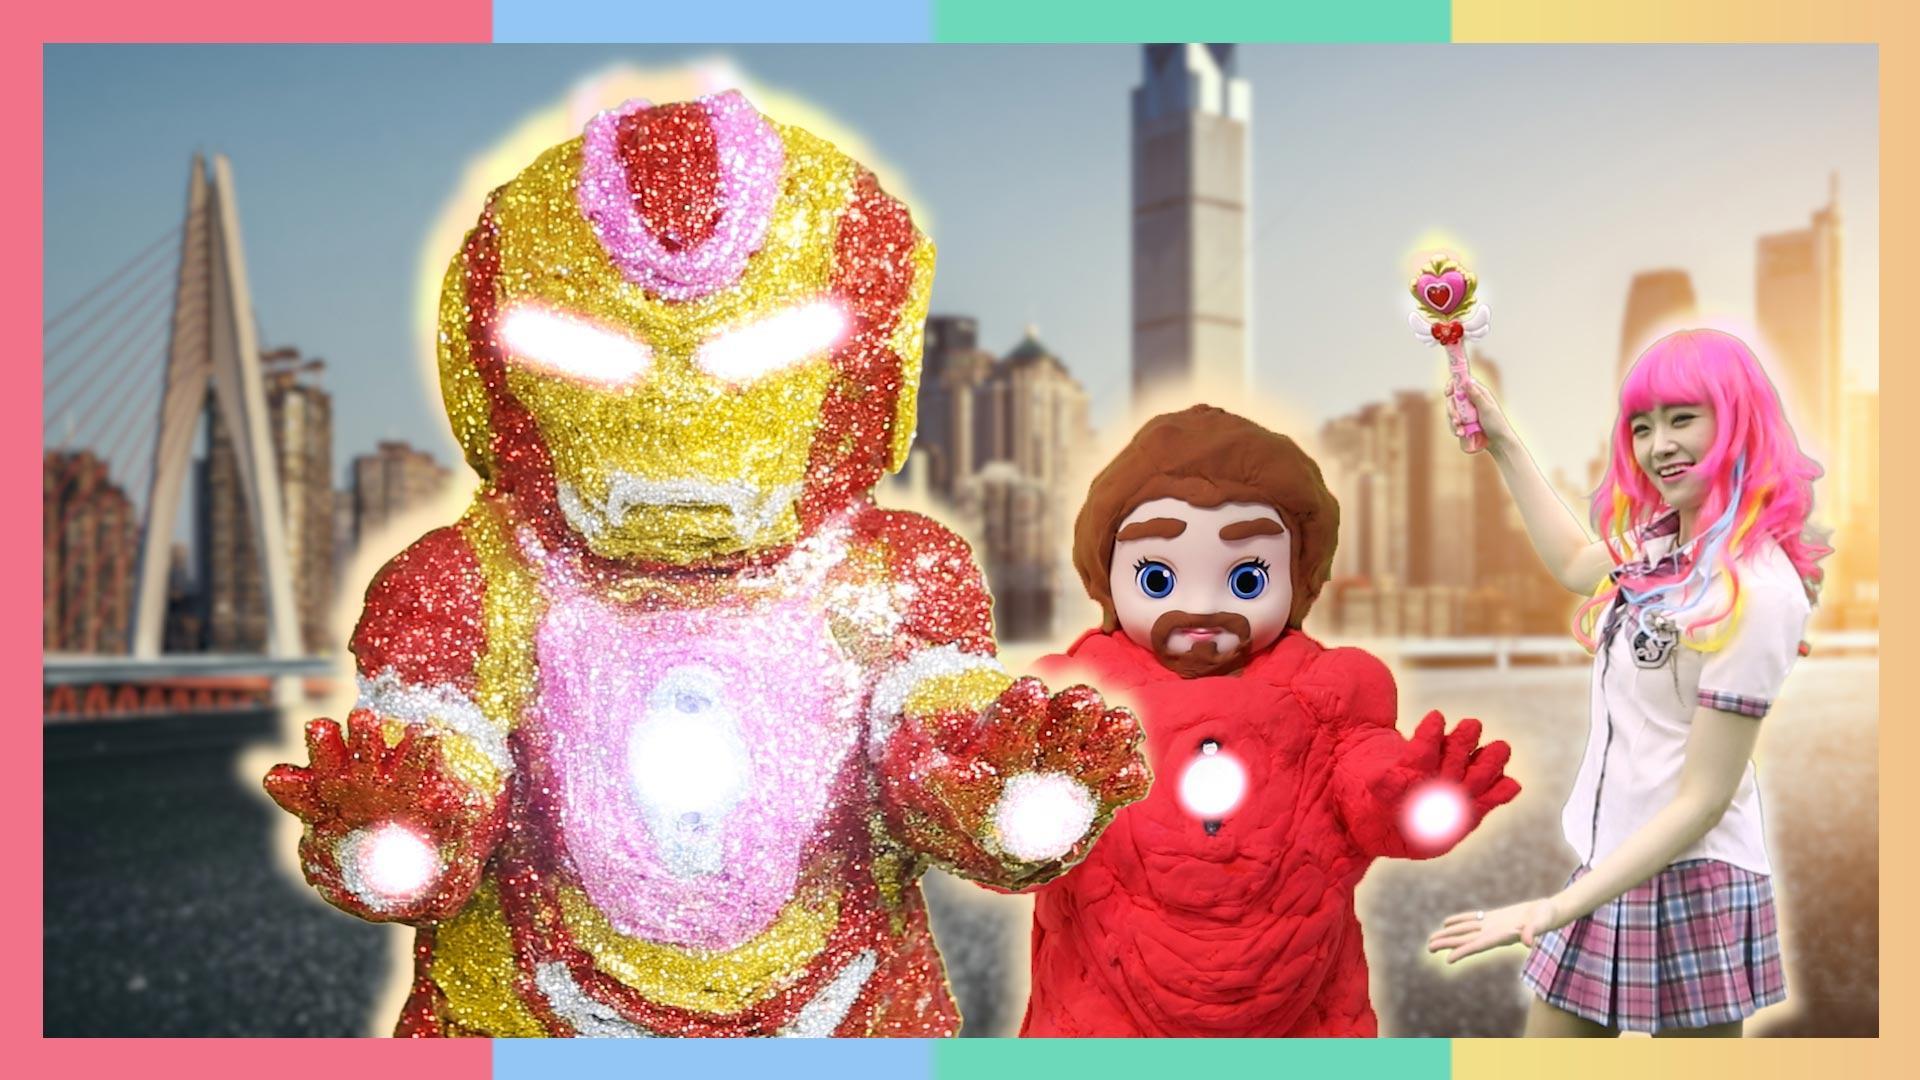 守护地球和平!小爱丽变身超级英雄钢铁侠 | 凯利和玩具朋友们 CarrieAndToys